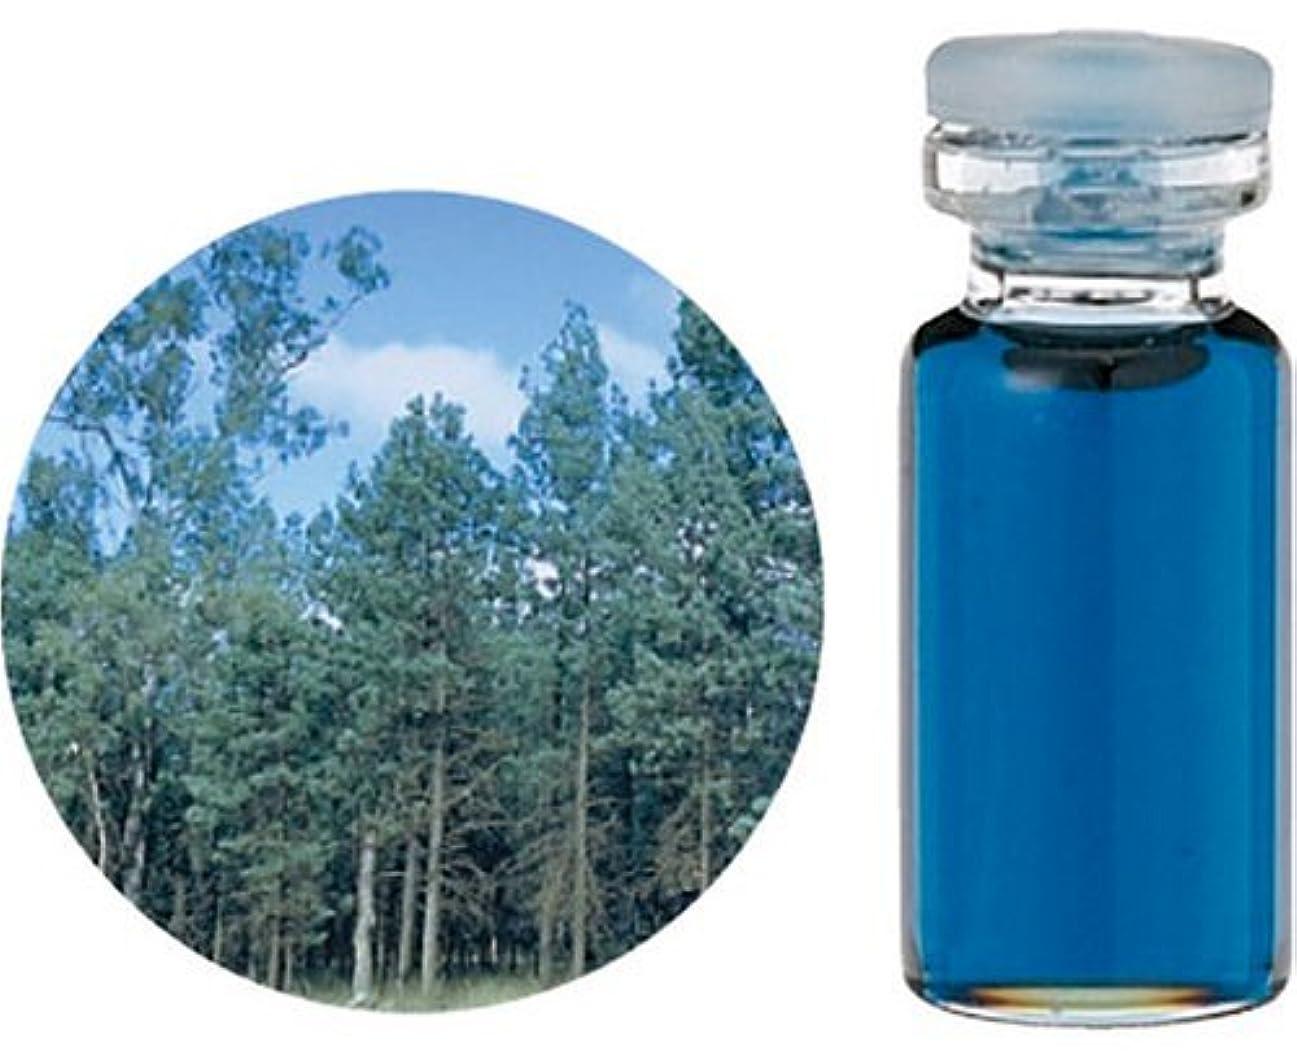 キャベツ検索うがい生活の木 C ブルー サイプレス エッセンシャルオイル 3ml オイル